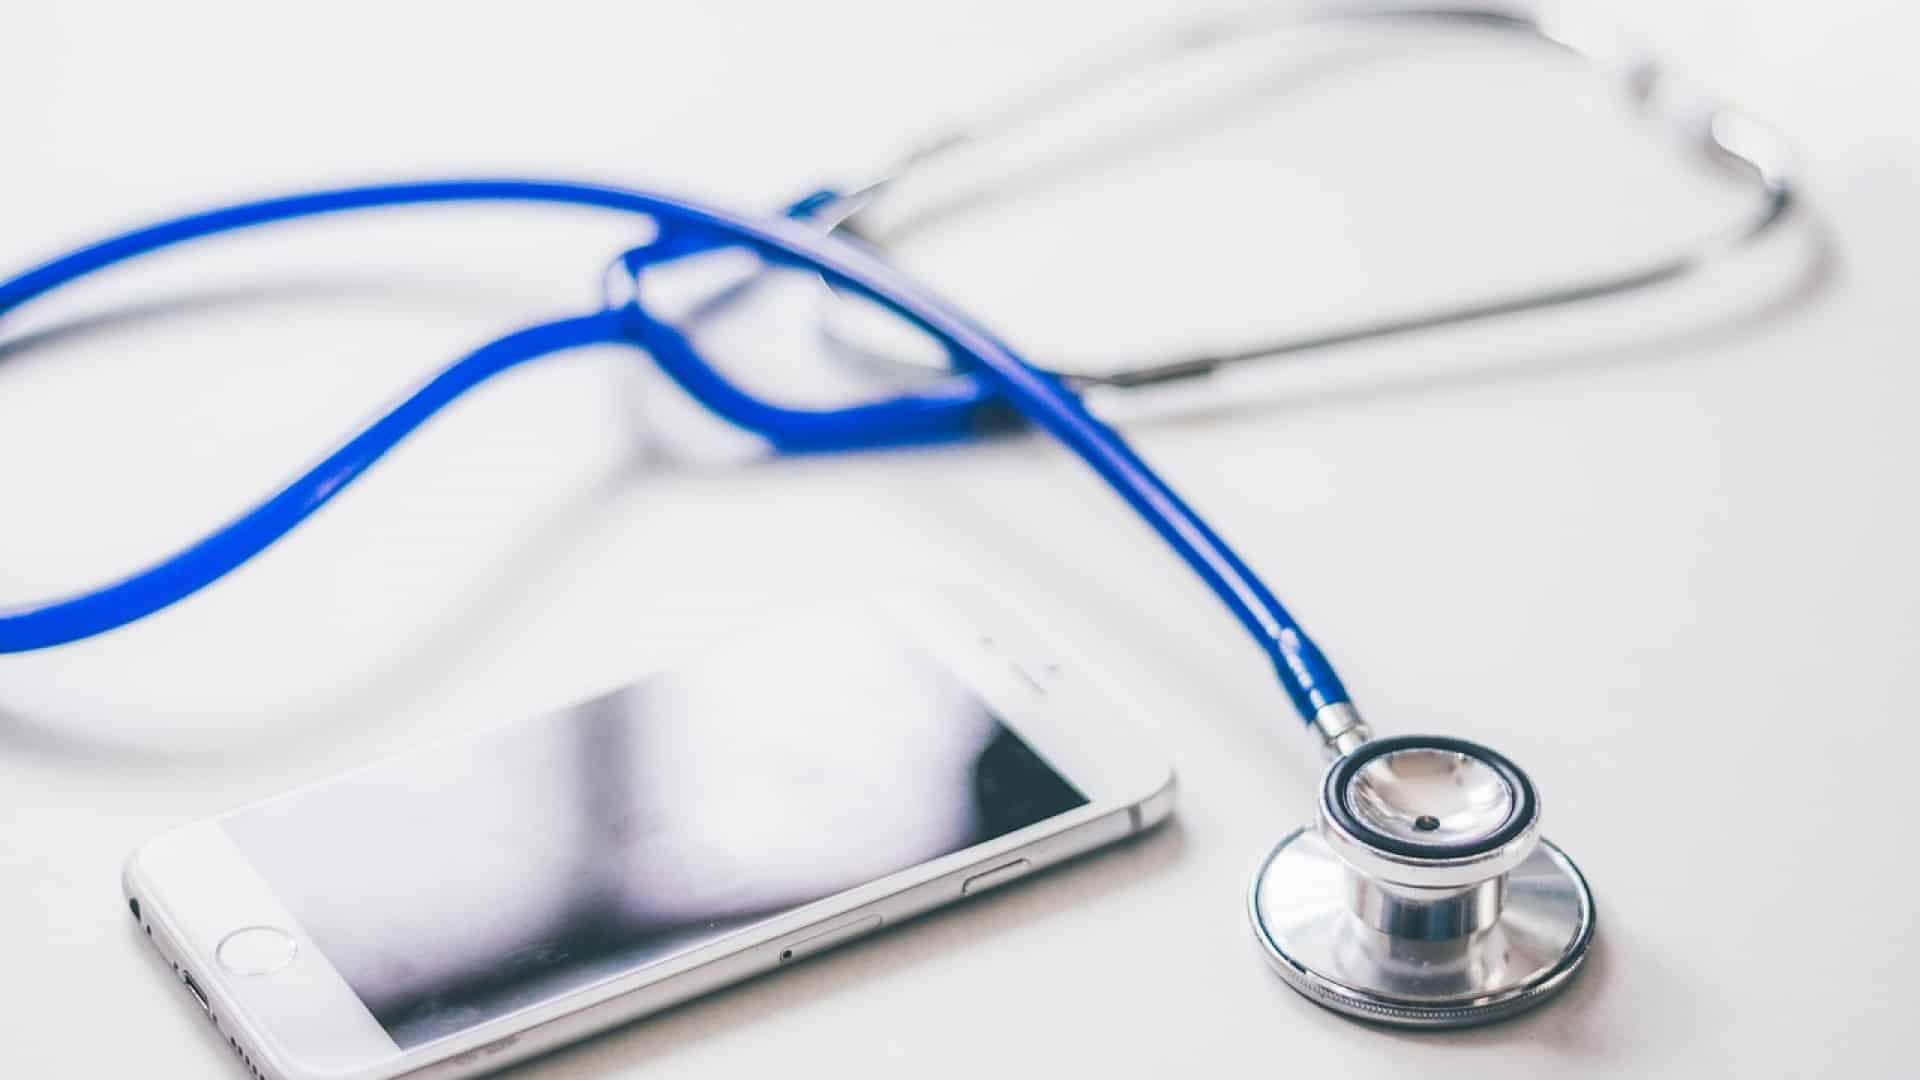 Pourquoi faire appel à une permanence téléphonique médicale